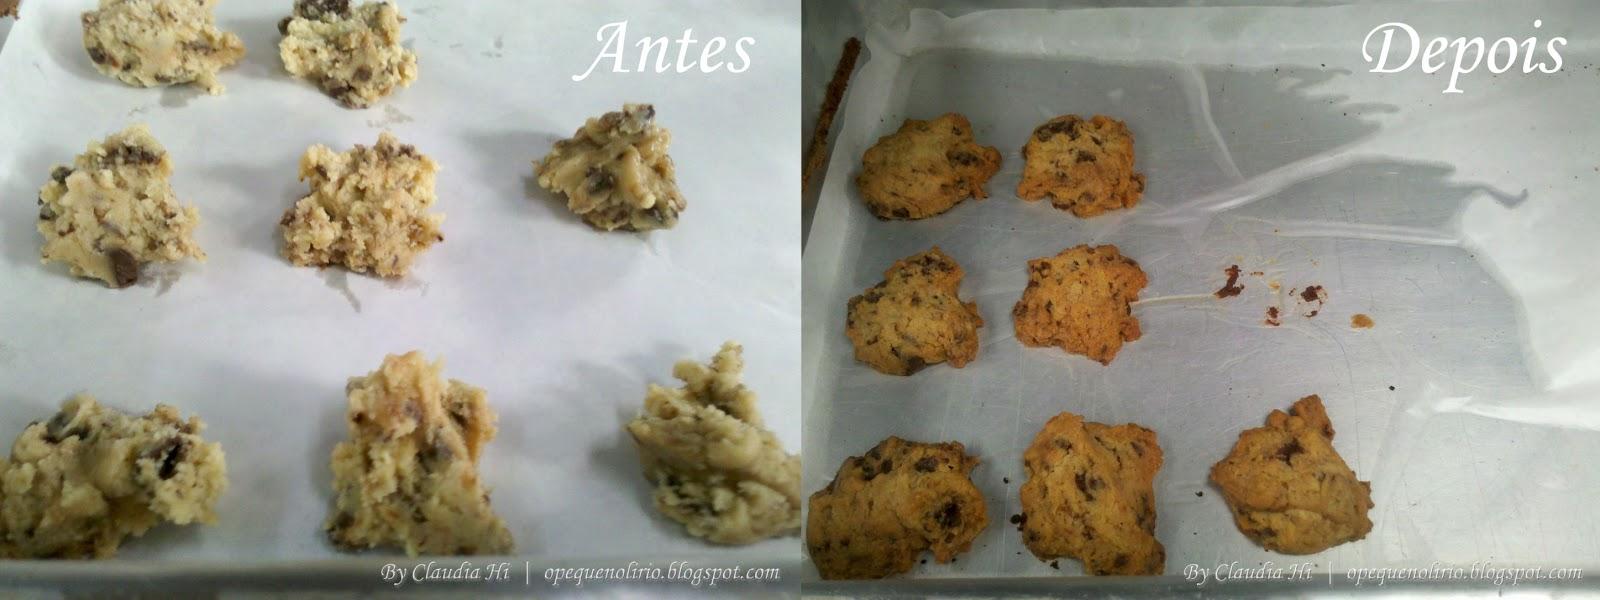 Modo de Preparo Cookies, biscotinhos, biscoitos, gotas de chocolate, baunilha